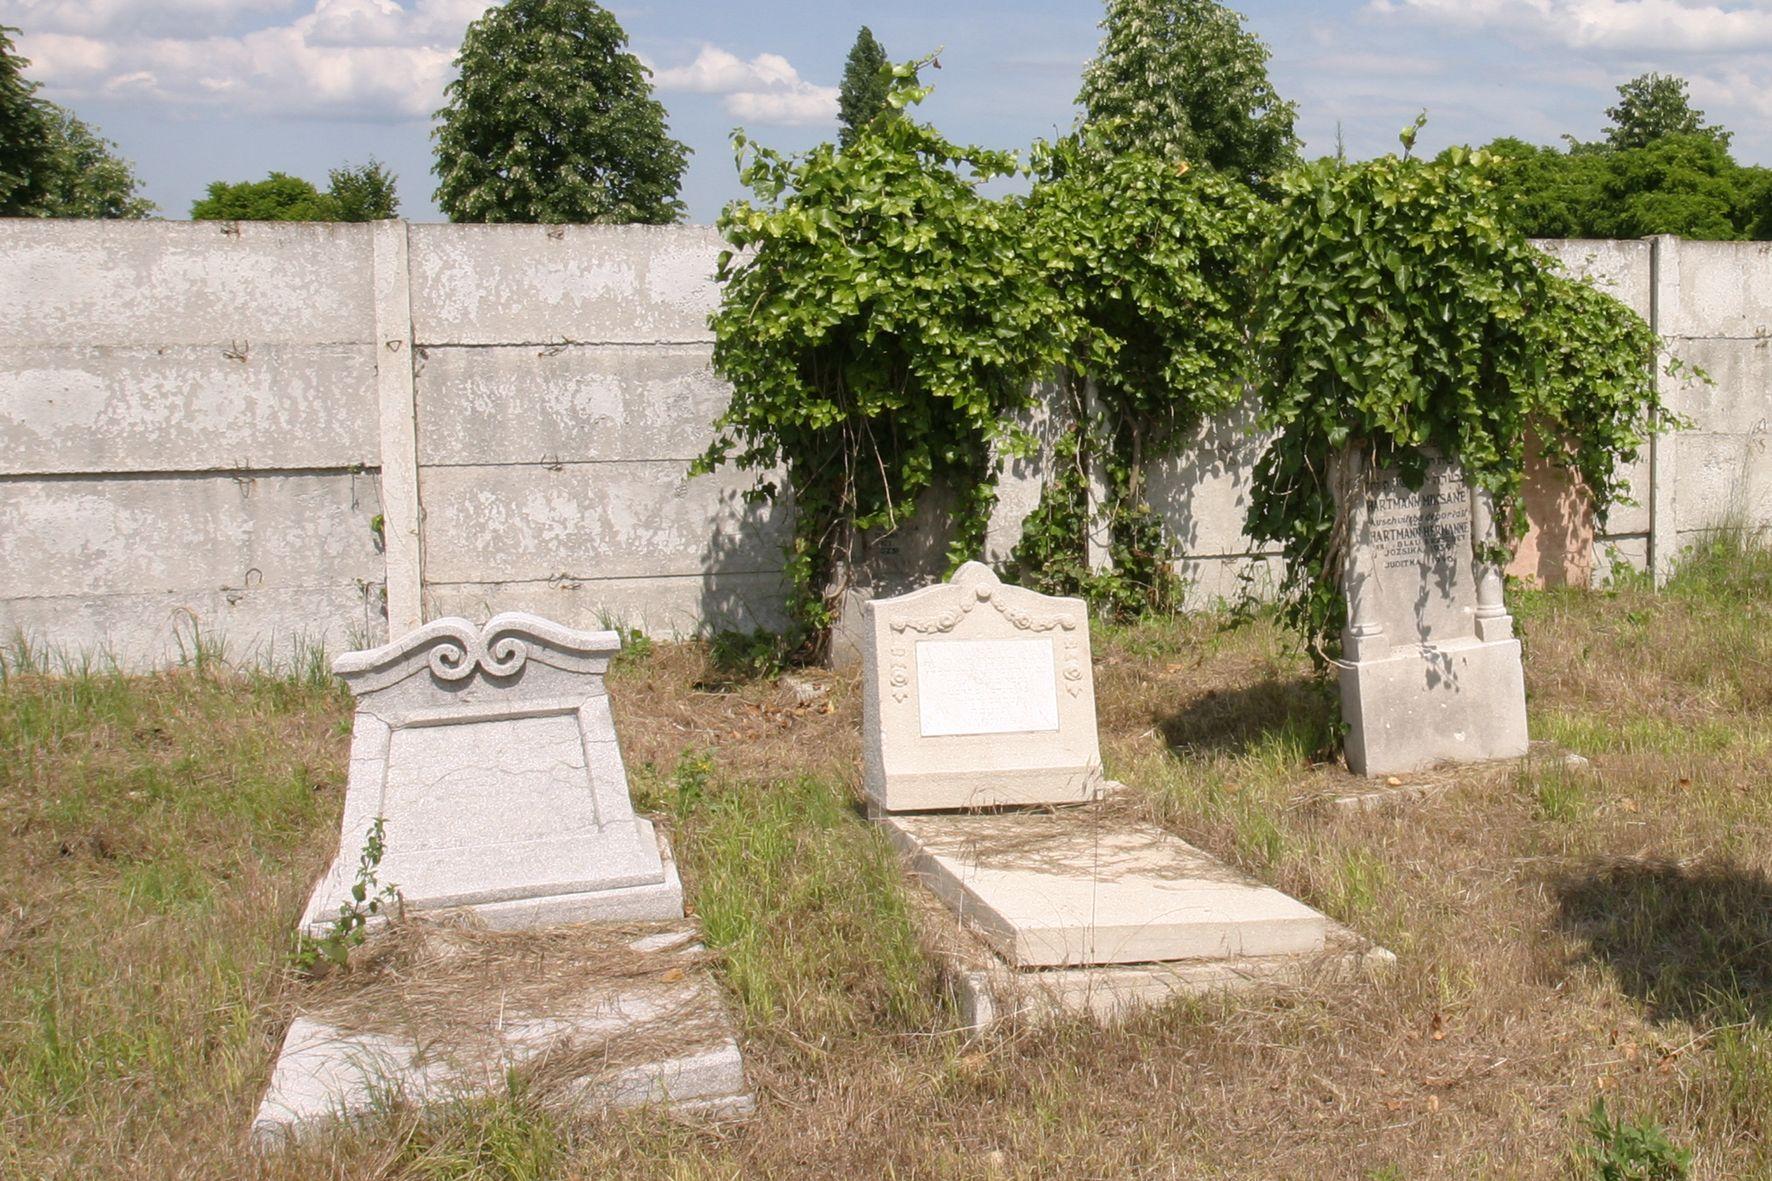 7197a4792c Rákospalotai zsidó temető - Budapest / Budapest XV. kerület (1151 ...